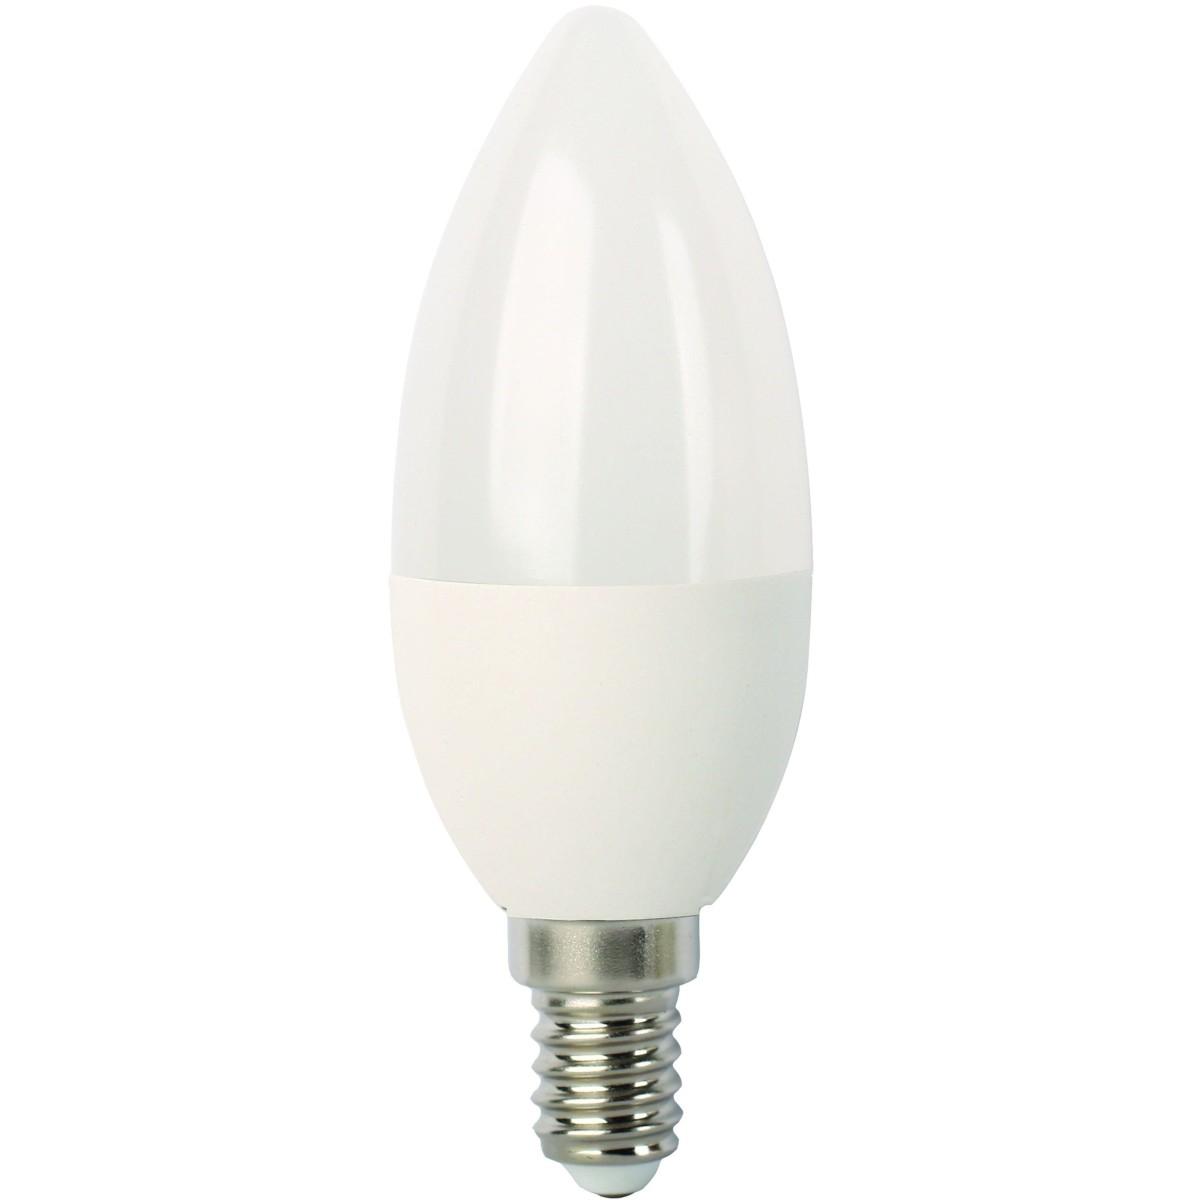 Лампа Ecola Premium светодионая E14 9 Вт свеча 720 Лм холодный свет